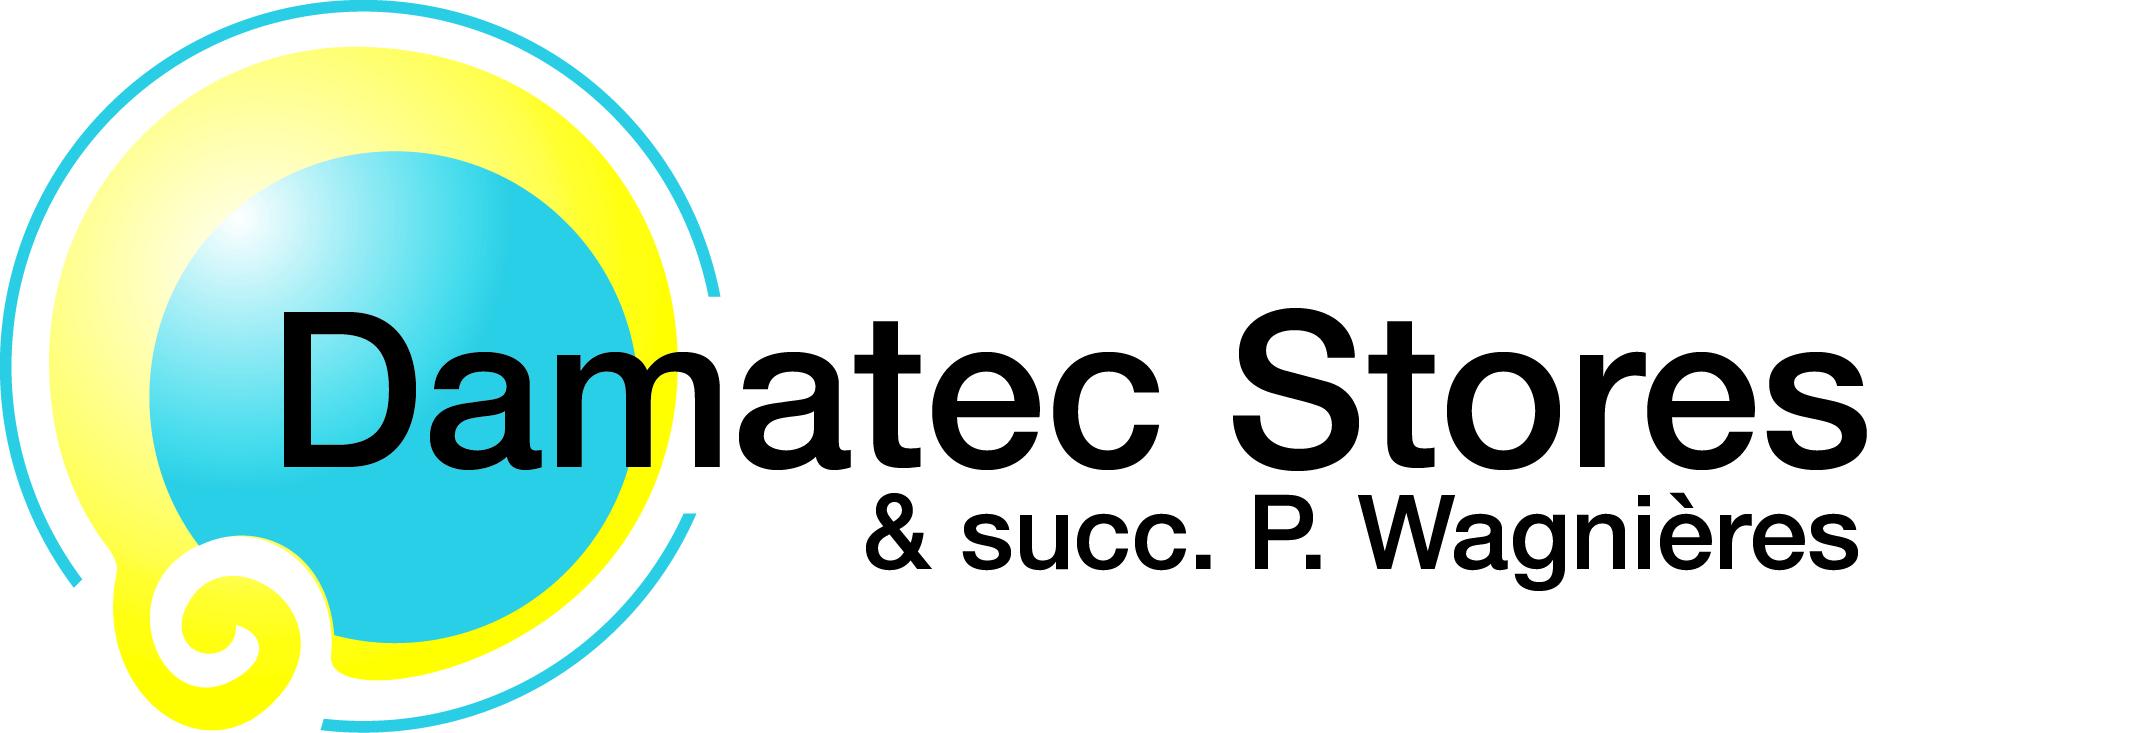 Damatec Stores & succ. P. Wagnières